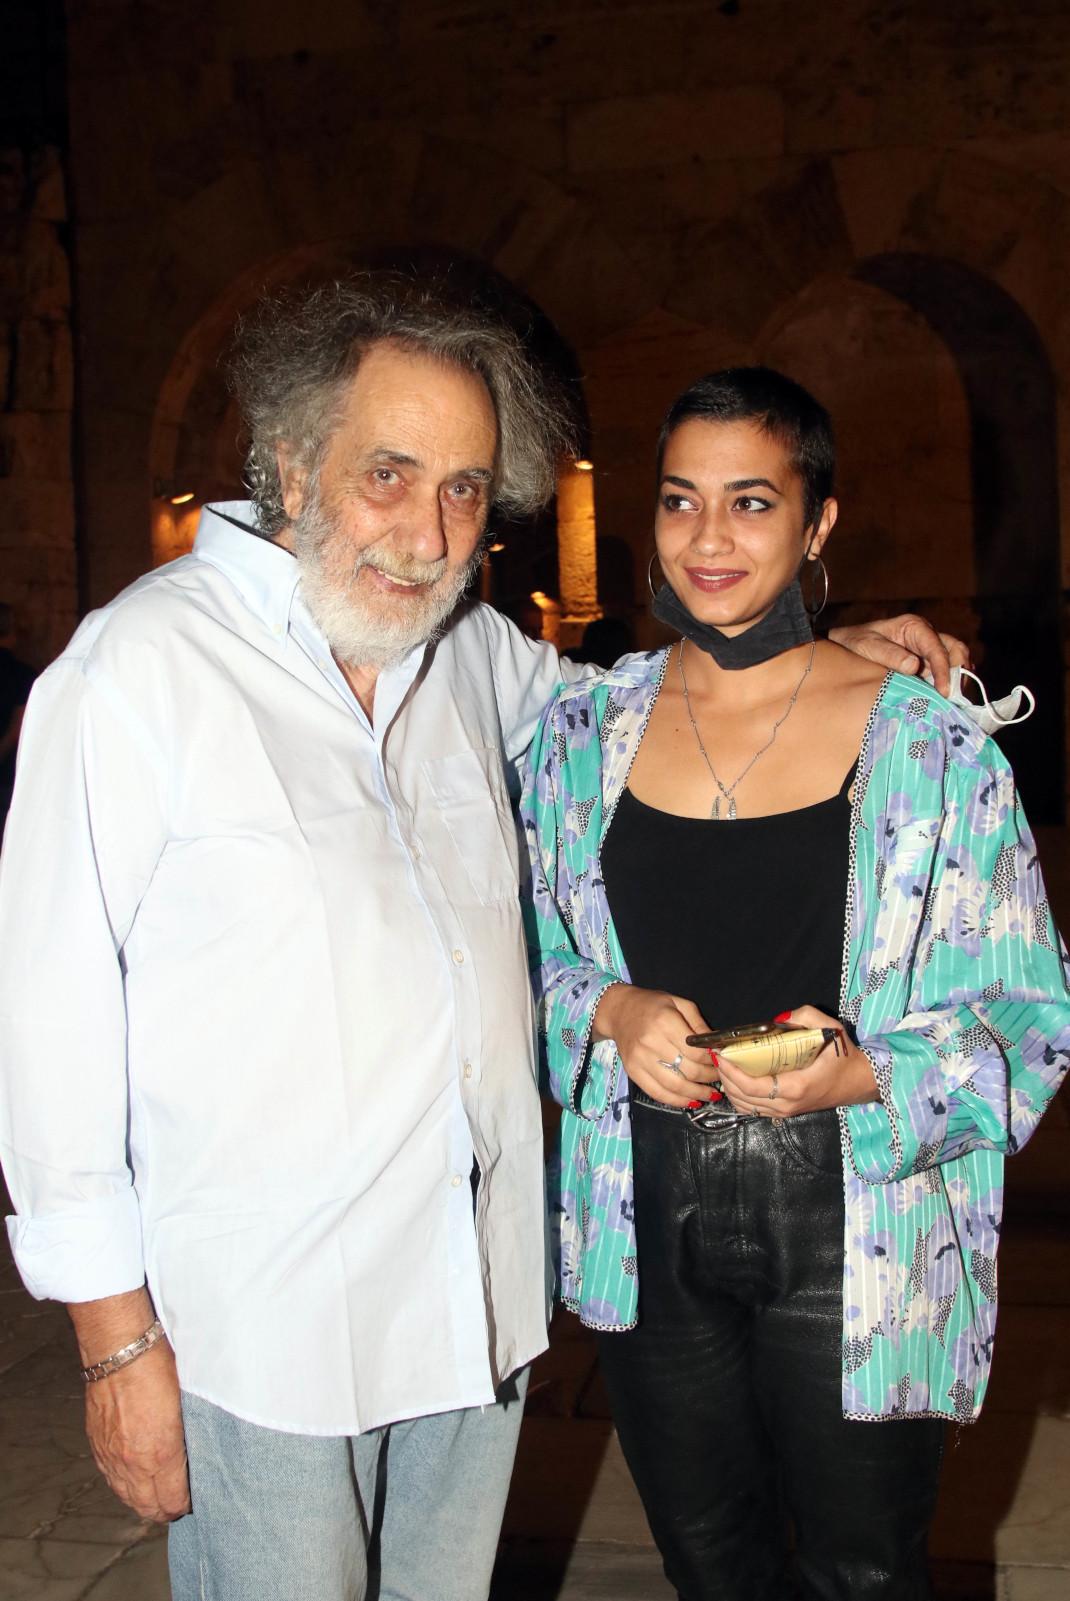 Ο Κώστας Αρζόγλου σε μια σπάνια εμφάνιση με την κόρη του, Μαρία